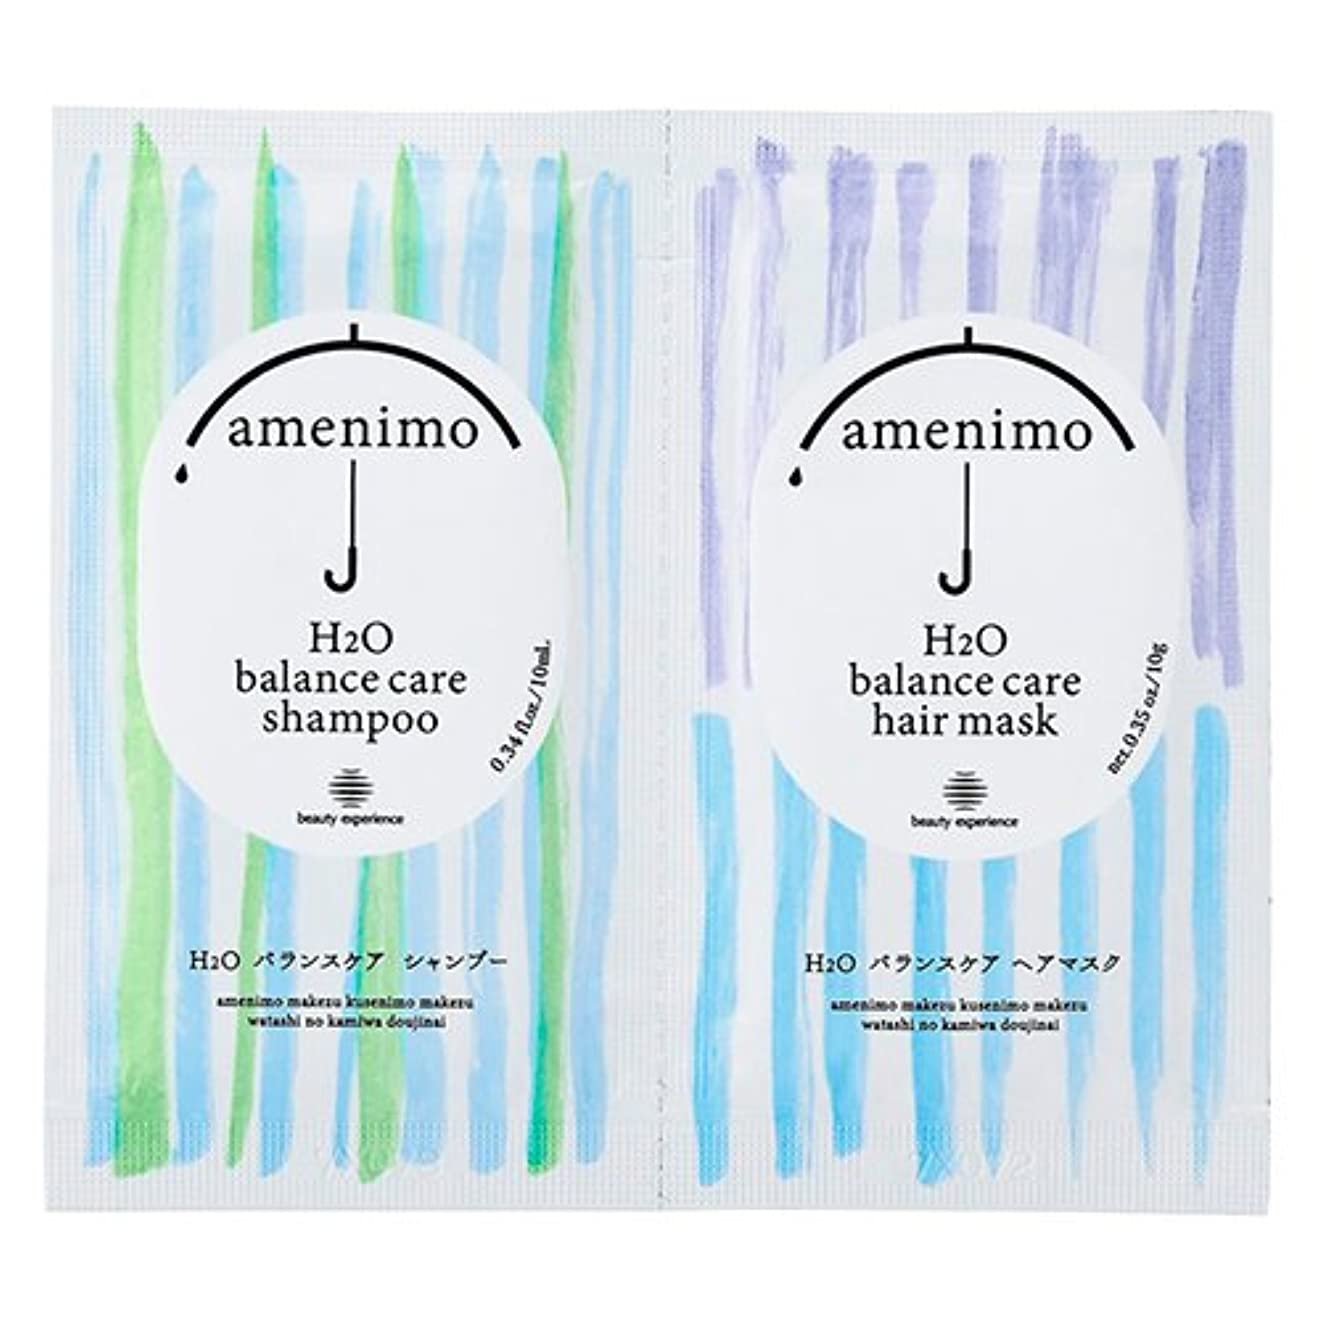 説得重要選出するamenimo(アメニモ) H2O バランスケア シャンプー&ヘアマスク 1dayお試し 10mL+10g